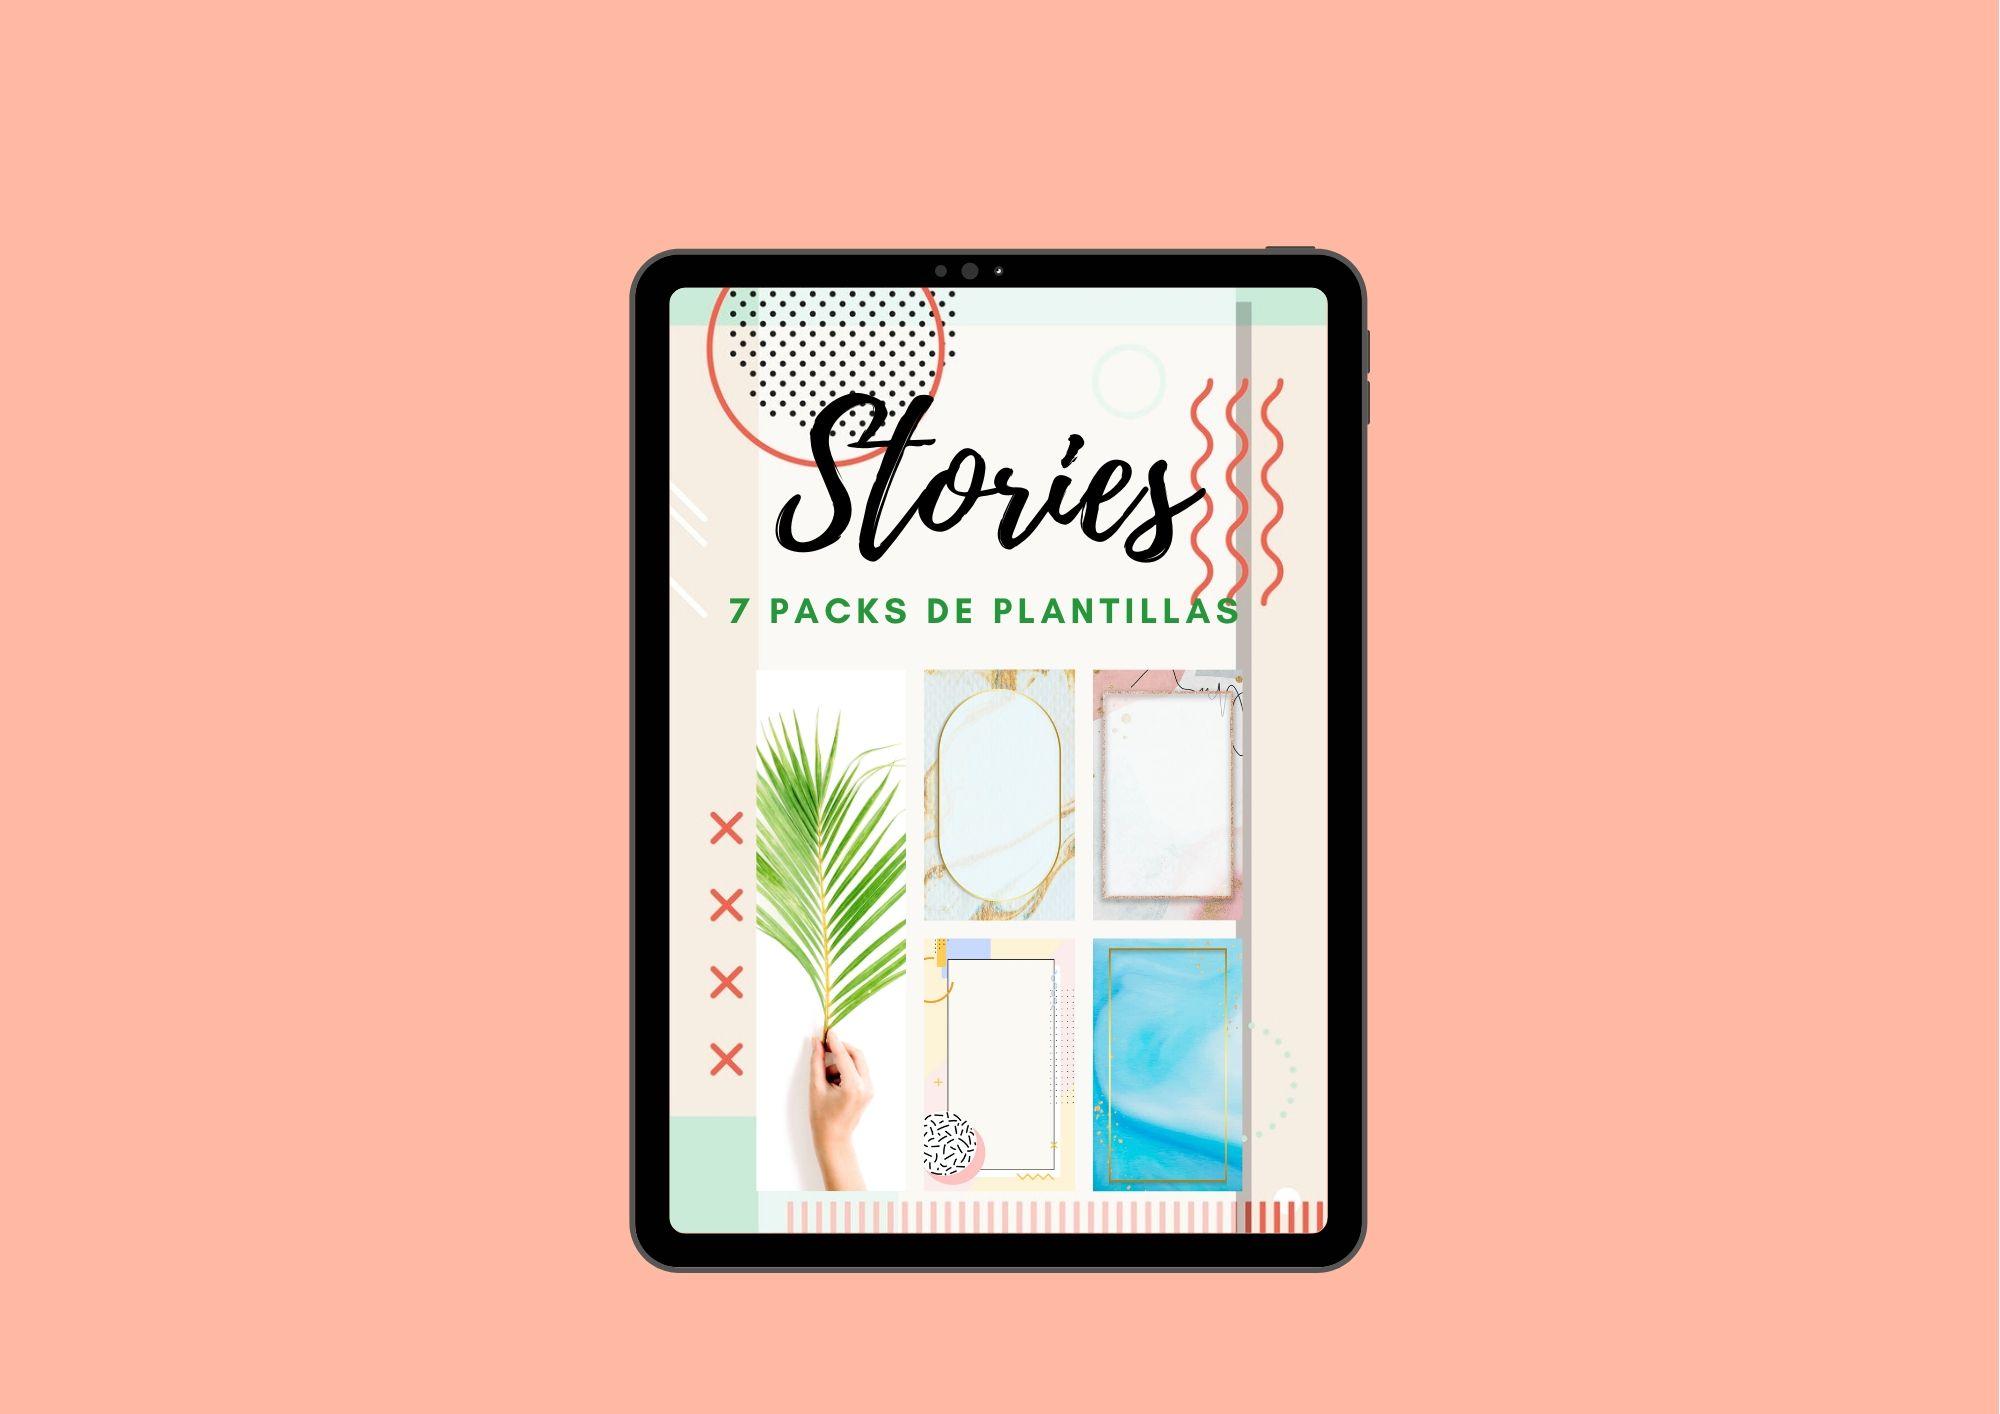 Pack para las Historias de Instagram